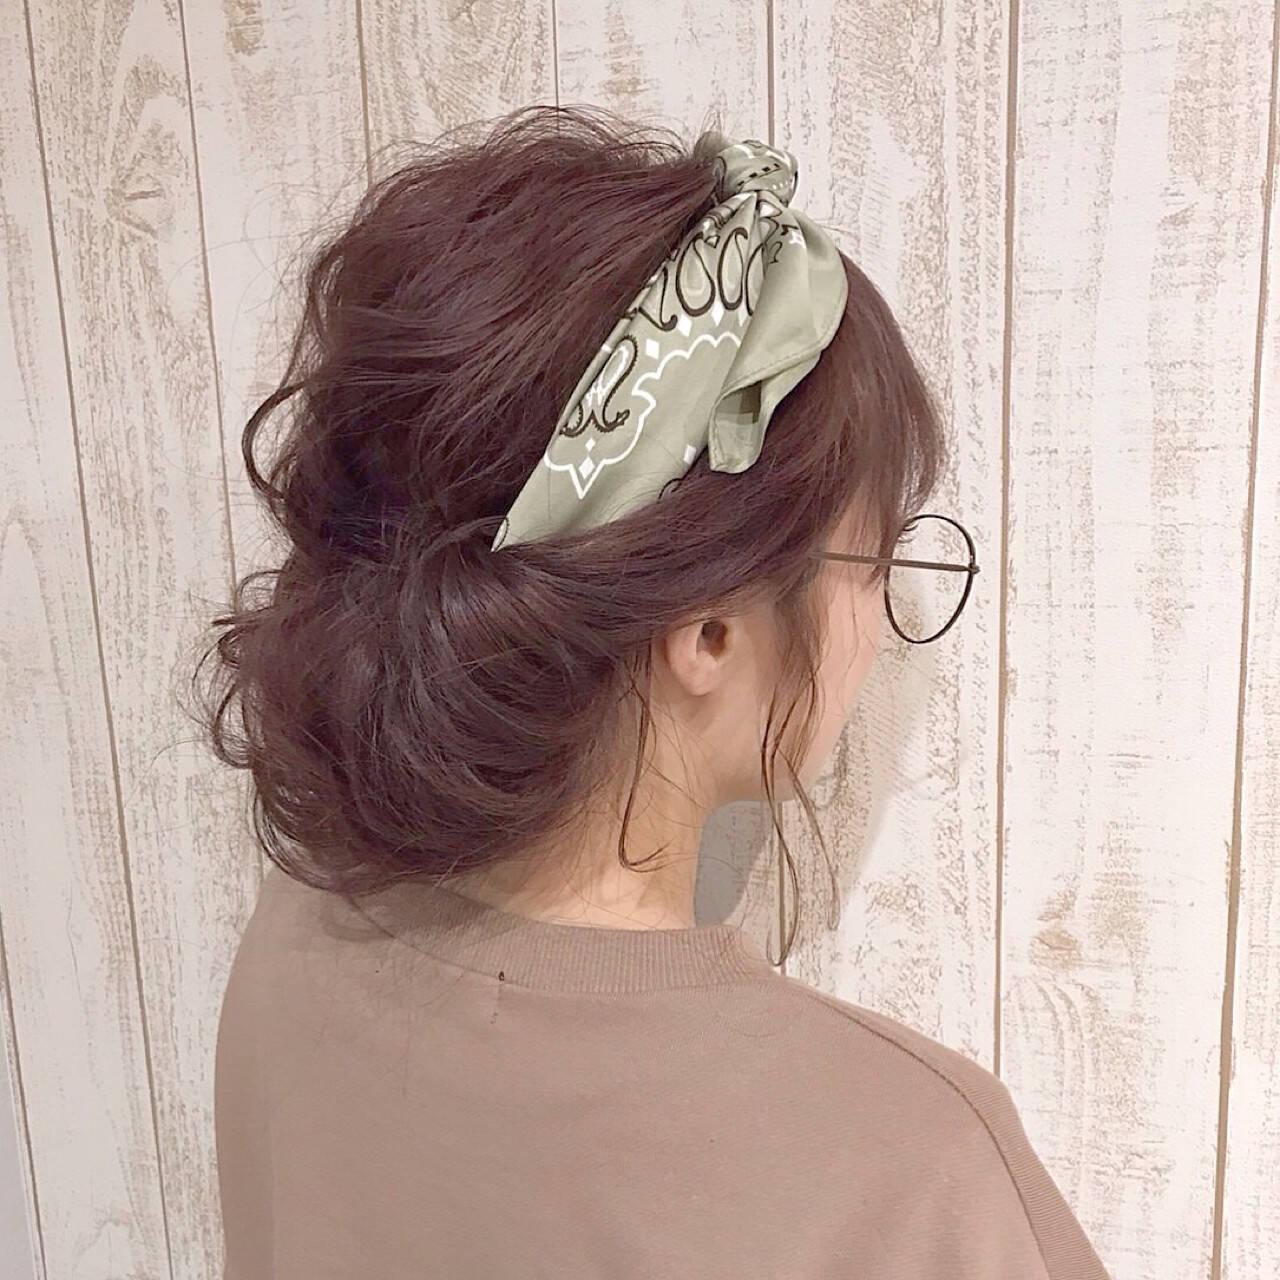 ニュアンス ヘアアレンジ セミロング ミルクティーヘアスタイルや髪型の写真・画像